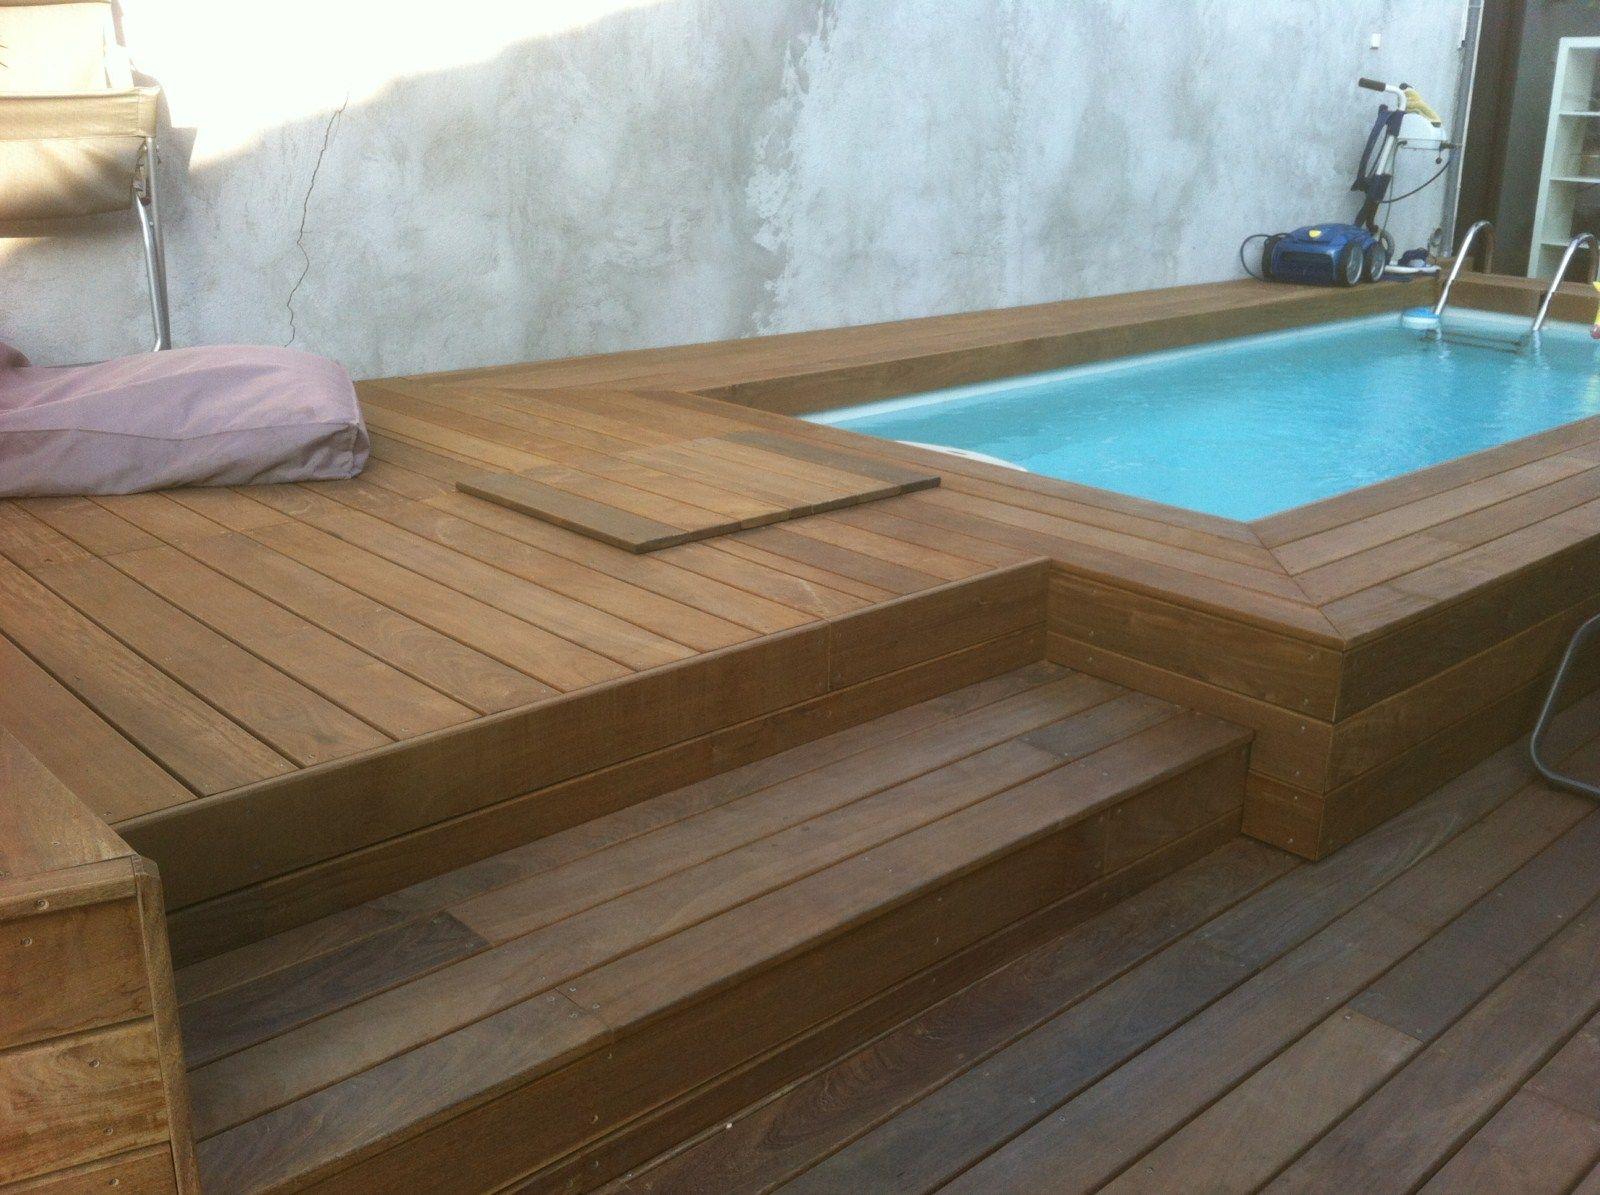 Piscine Tubulaire Habillage Bois tour de piscine en bois exotique ipe à marseille | piscine